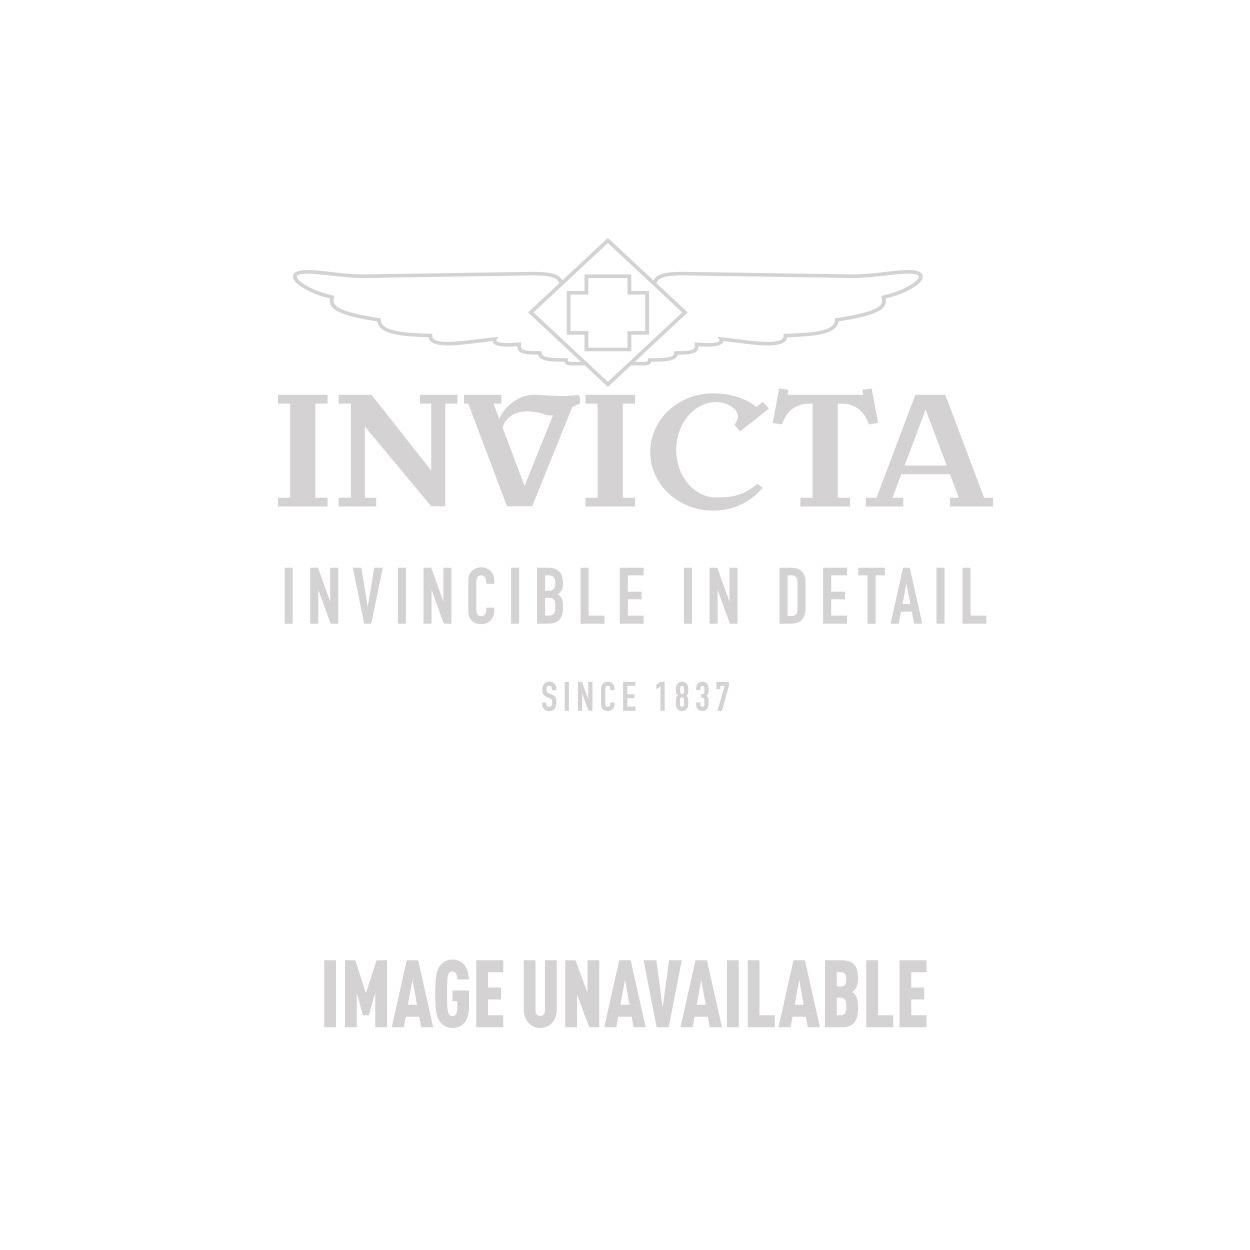 Invicta Model 23664